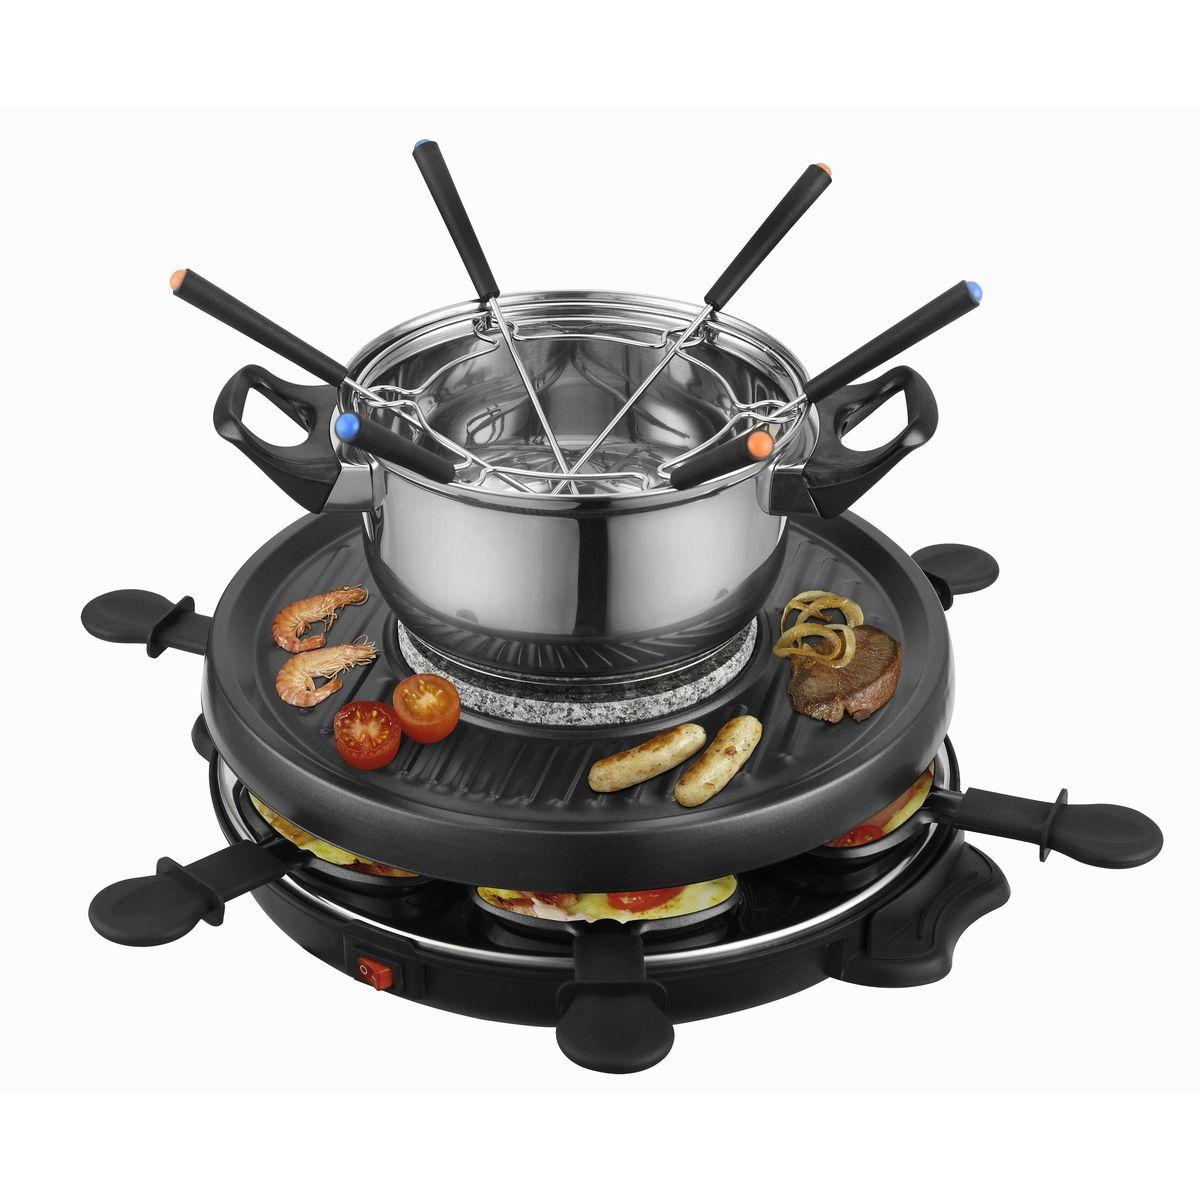 Raclette gril fondue TKG RAC 1010 FO, 6 personnes